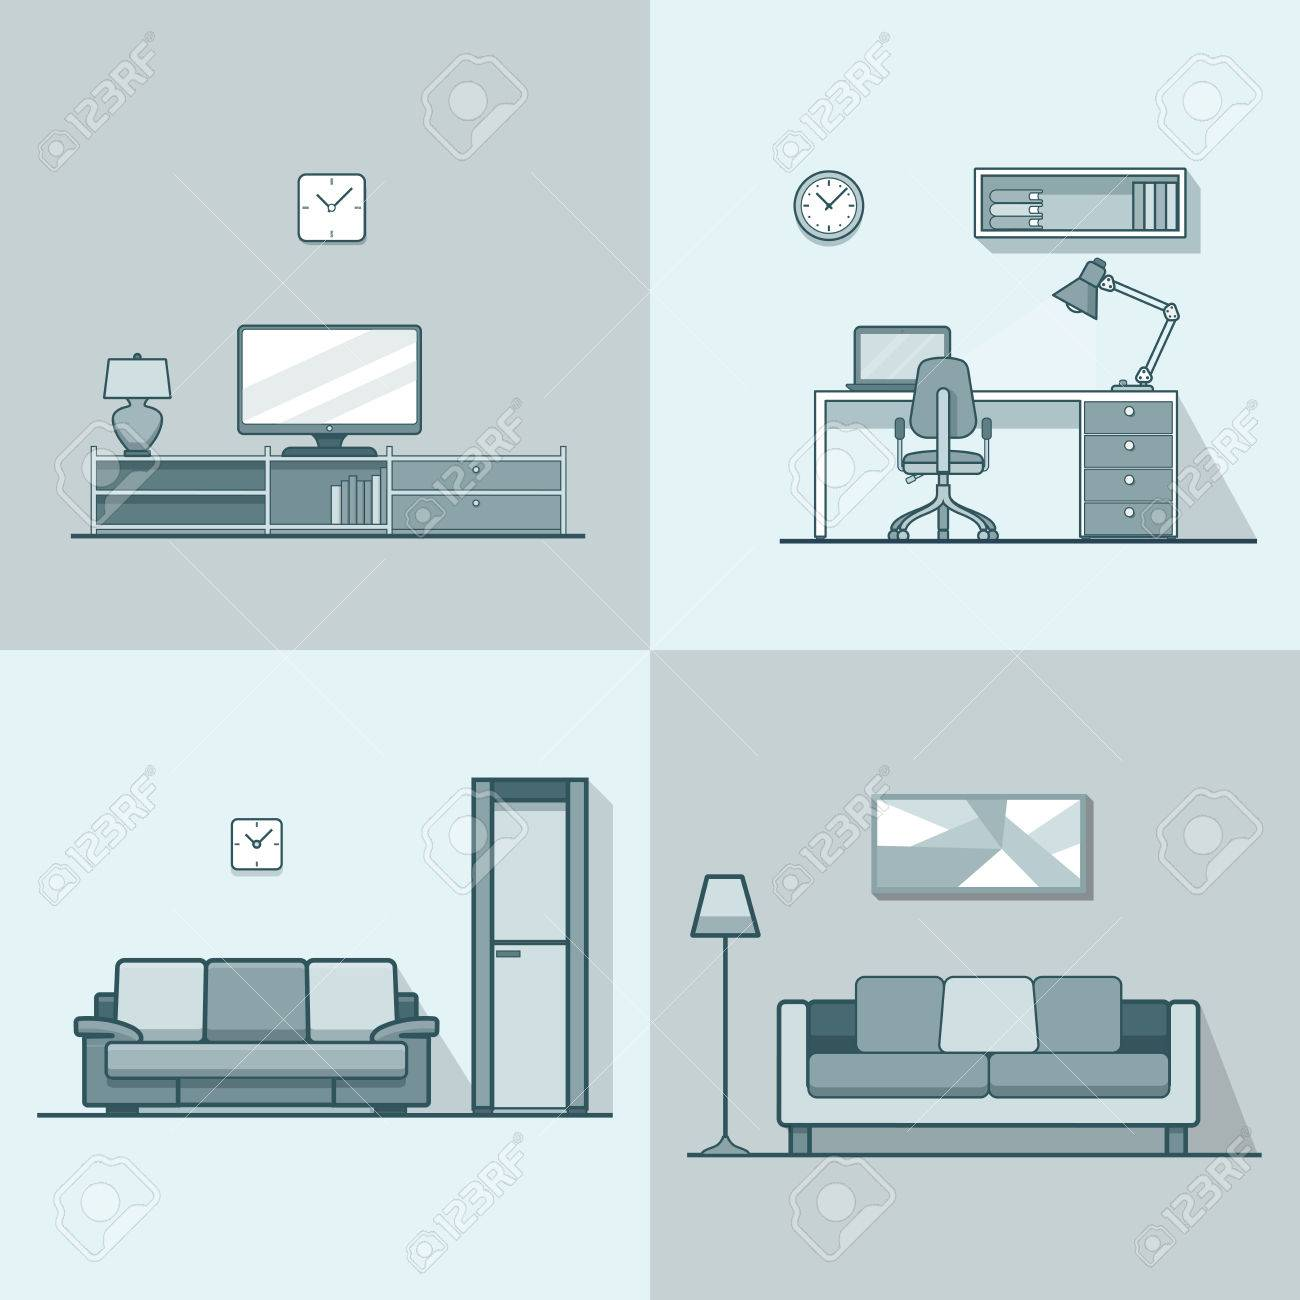 Condo Unterkunft Wohnzimmer Gemütlich Modernen Minimalismus Minimal  InterInnen Set. Linear Schlaganfall Umriss Flach Stil Vektor